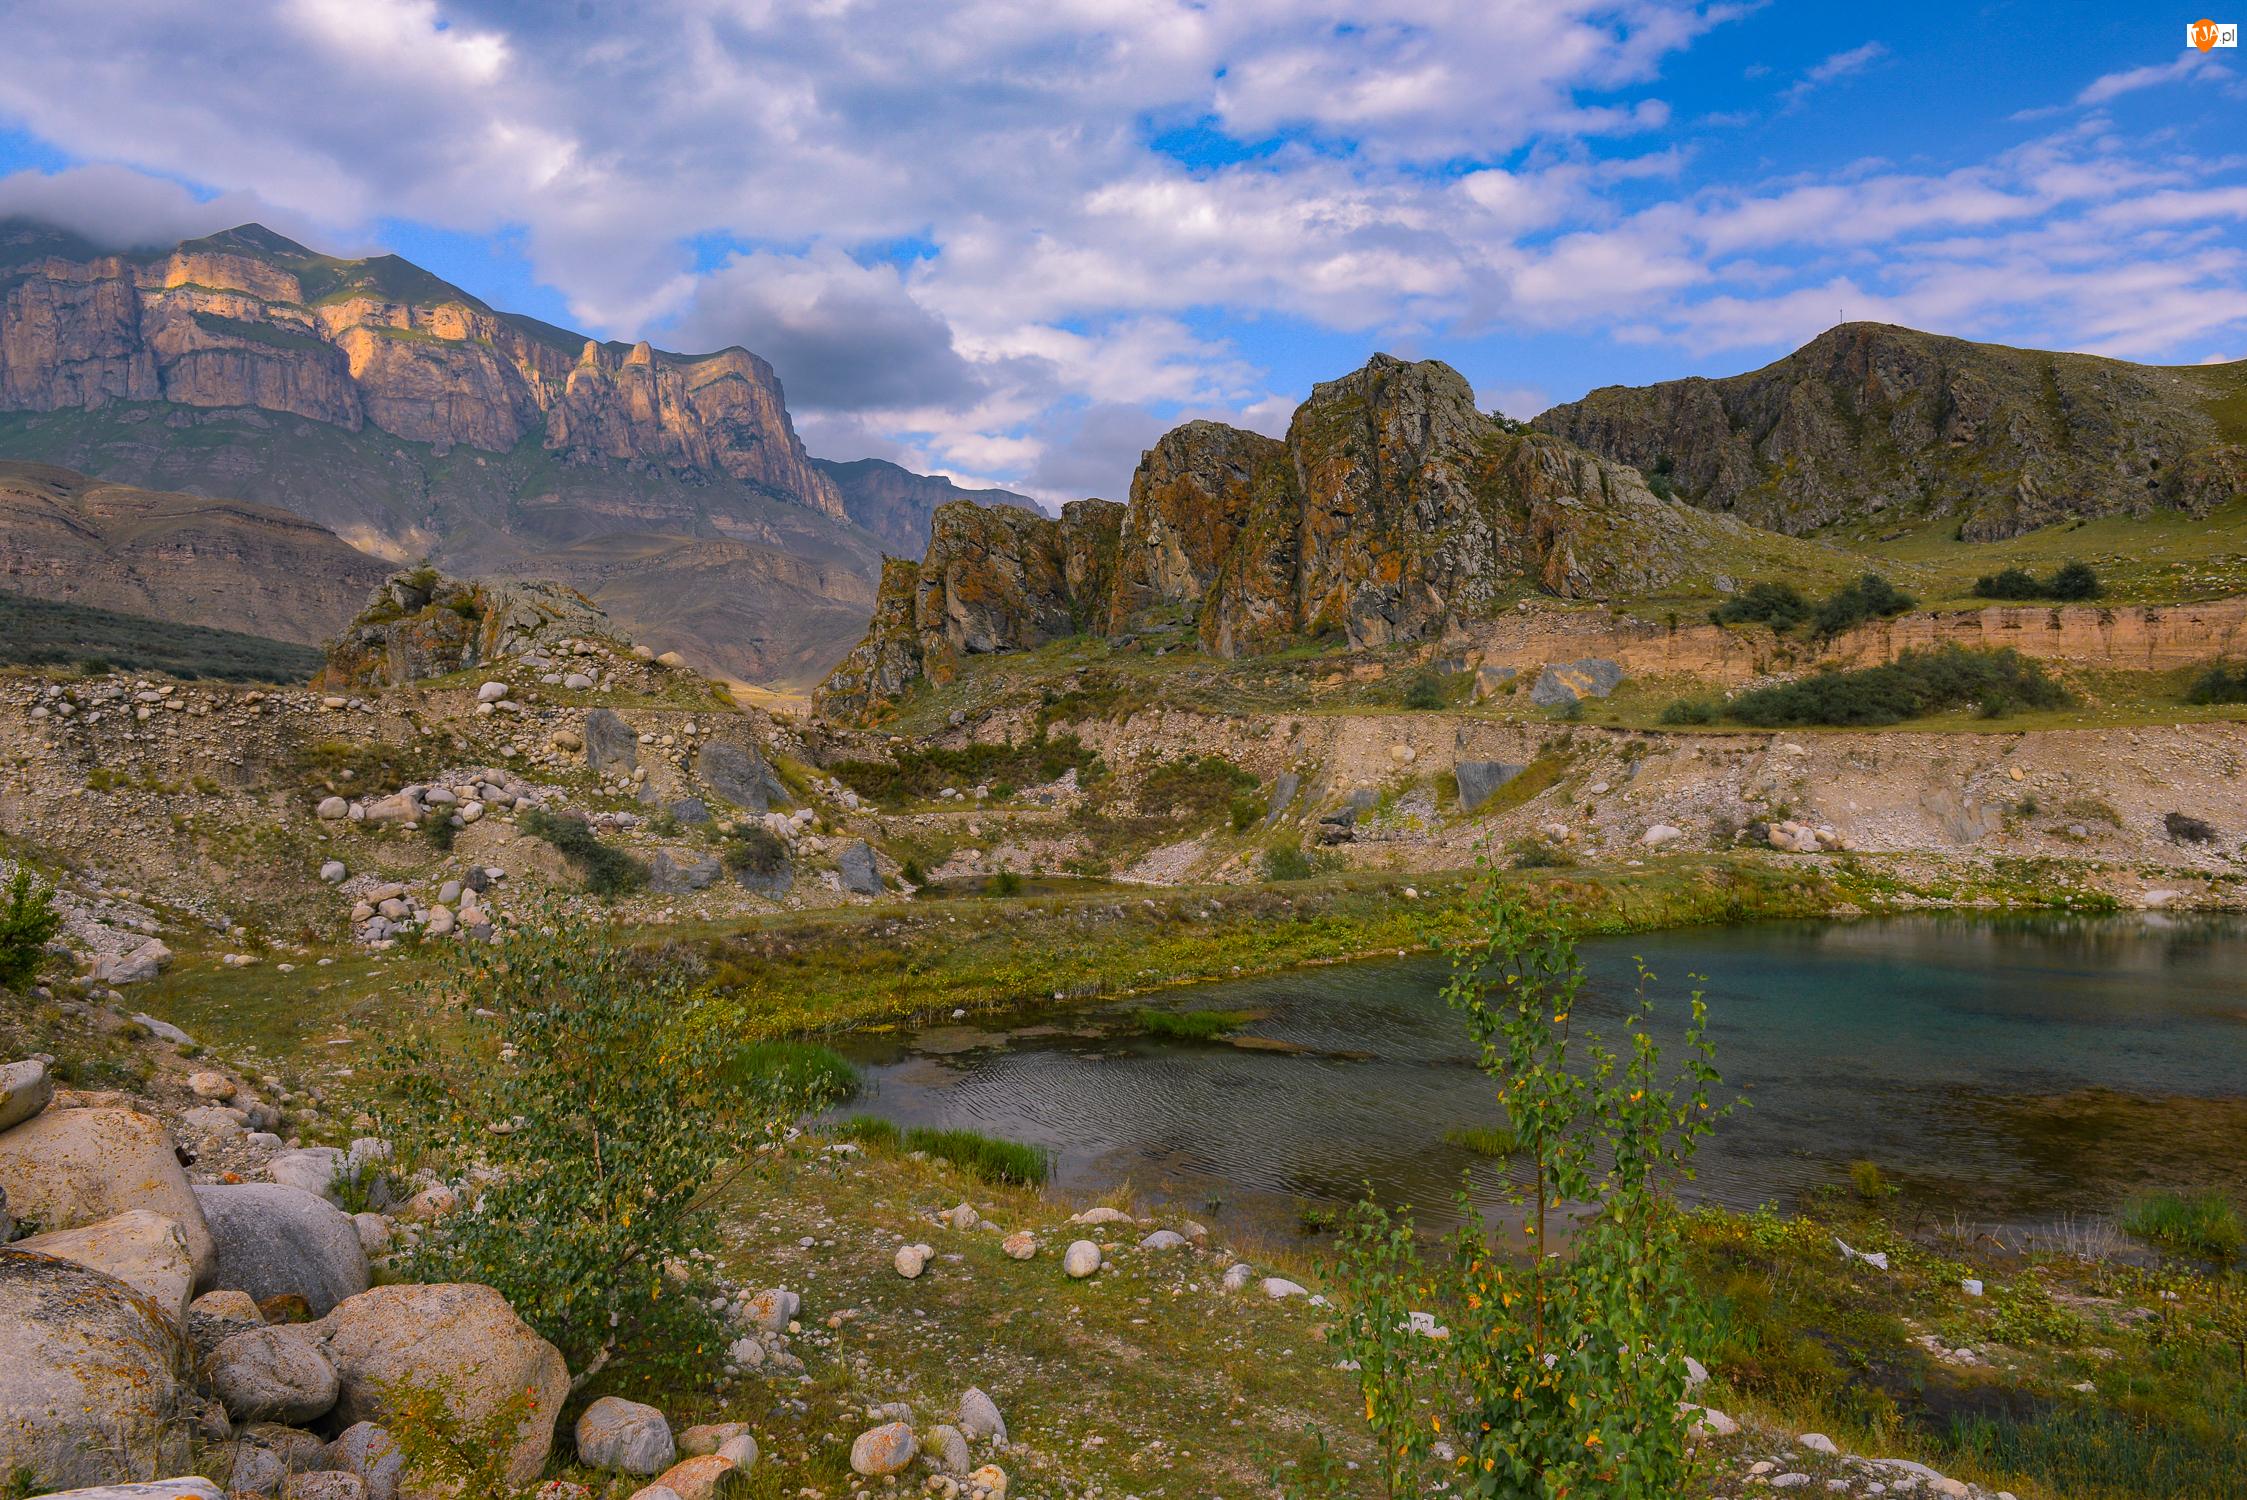 Jezioro, Trawa, Chmury, Góry, Skały, Kamienie, Drzewa